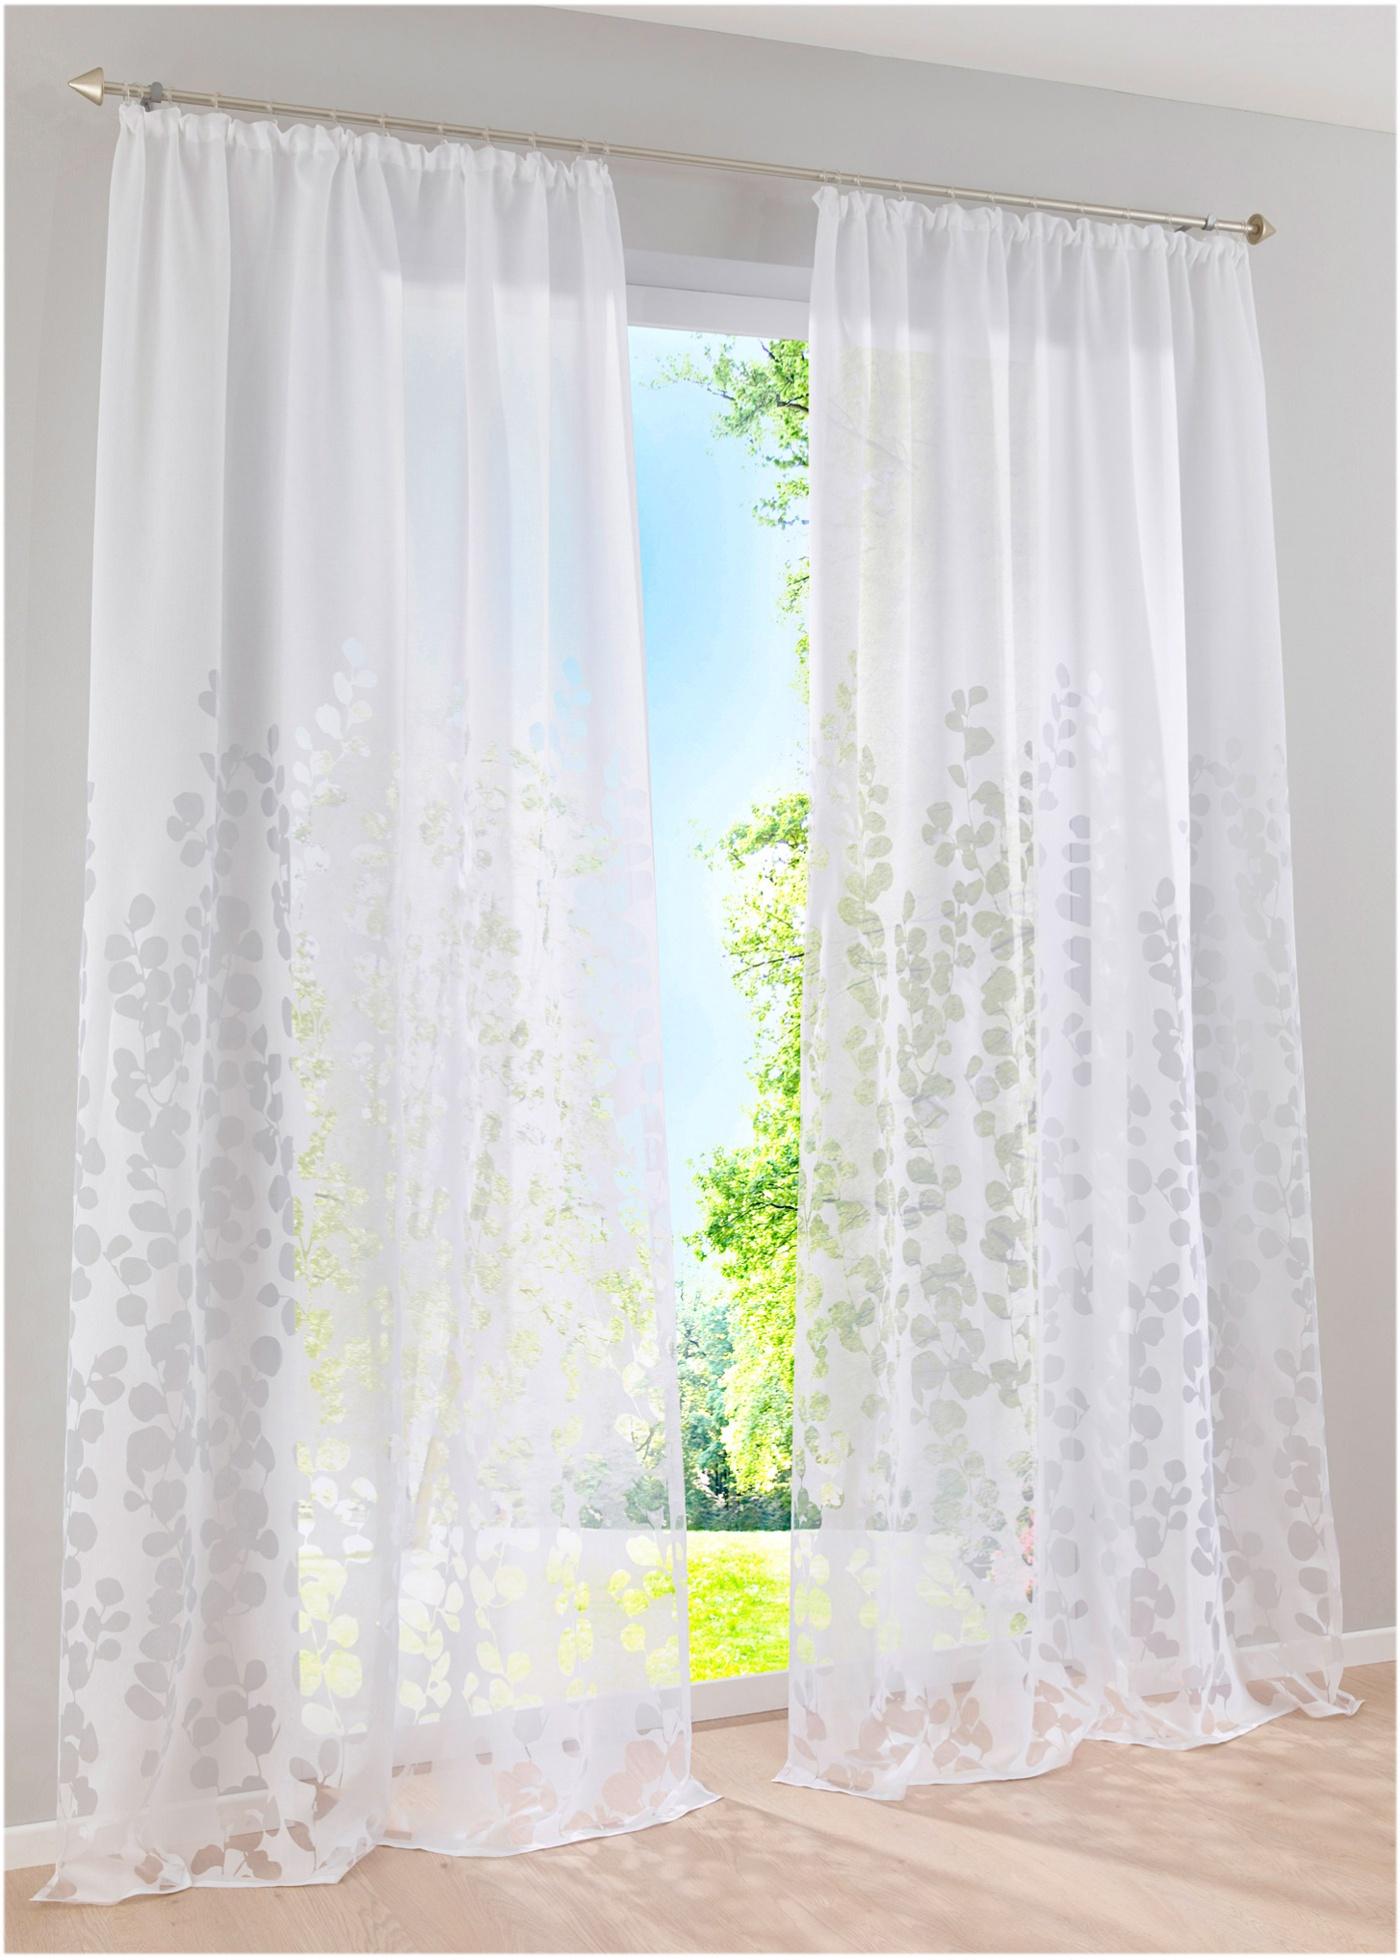 rideaux stores voilage pas cher maison et jardin discount. Black Bedroom Furniture Sets. Home Design Ideas